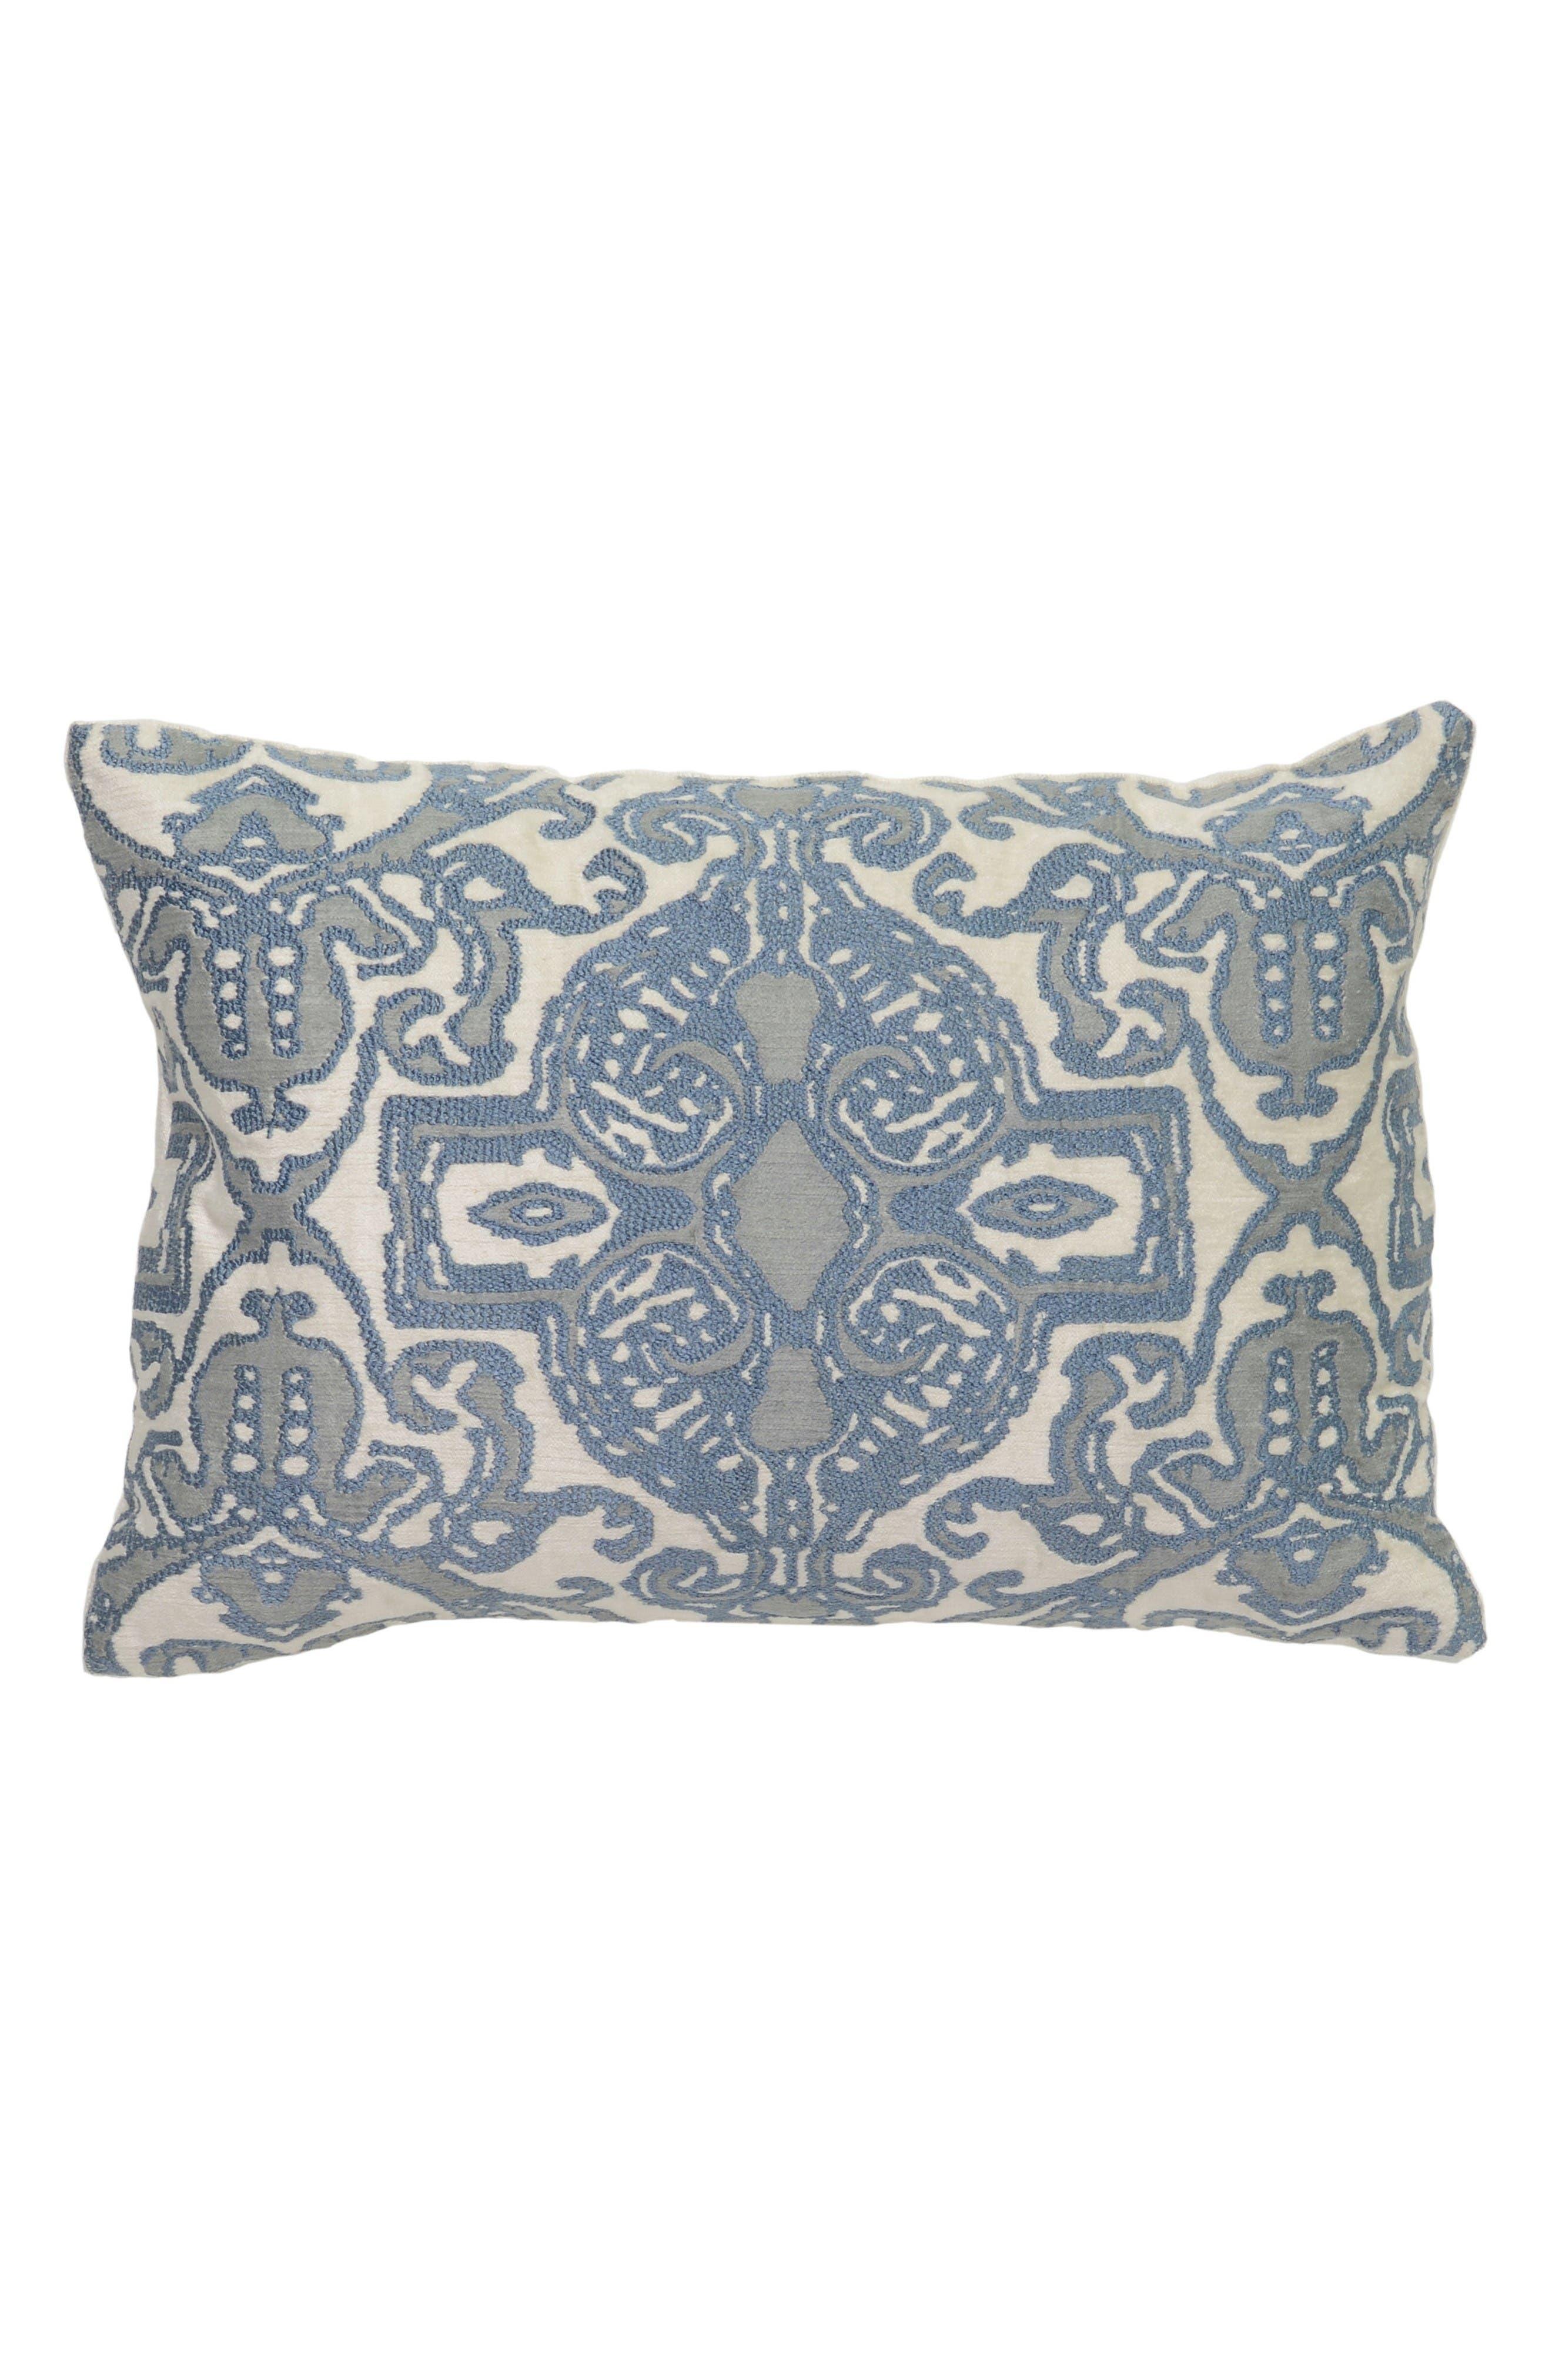 Villa Home Collection Lois Harbour Pillow